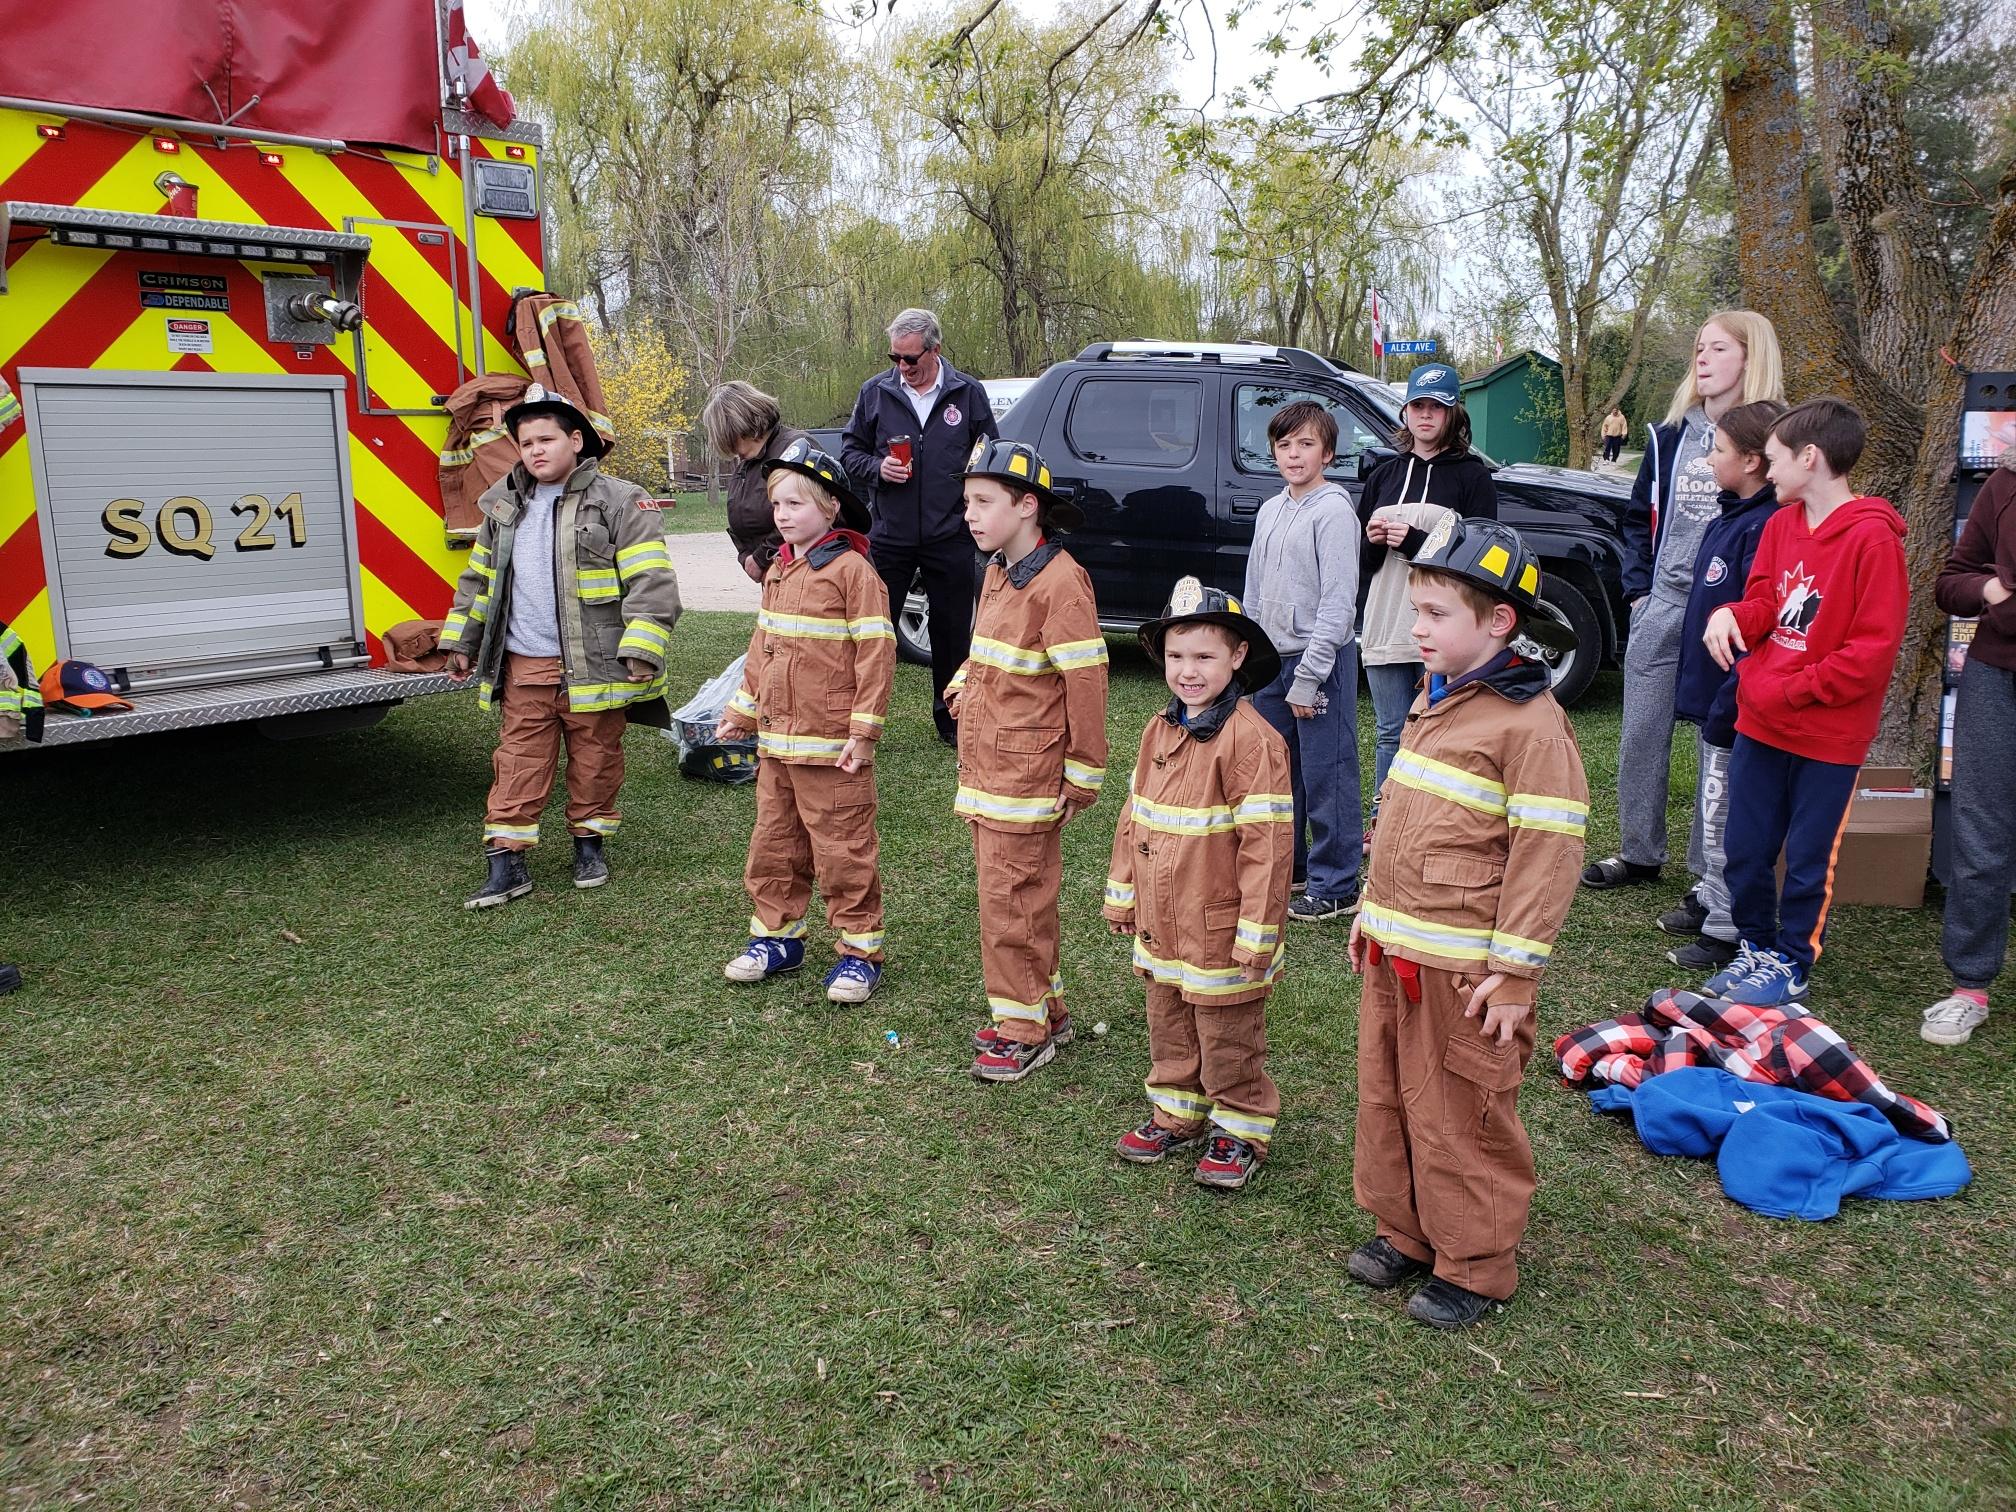 Firefighter demonstration